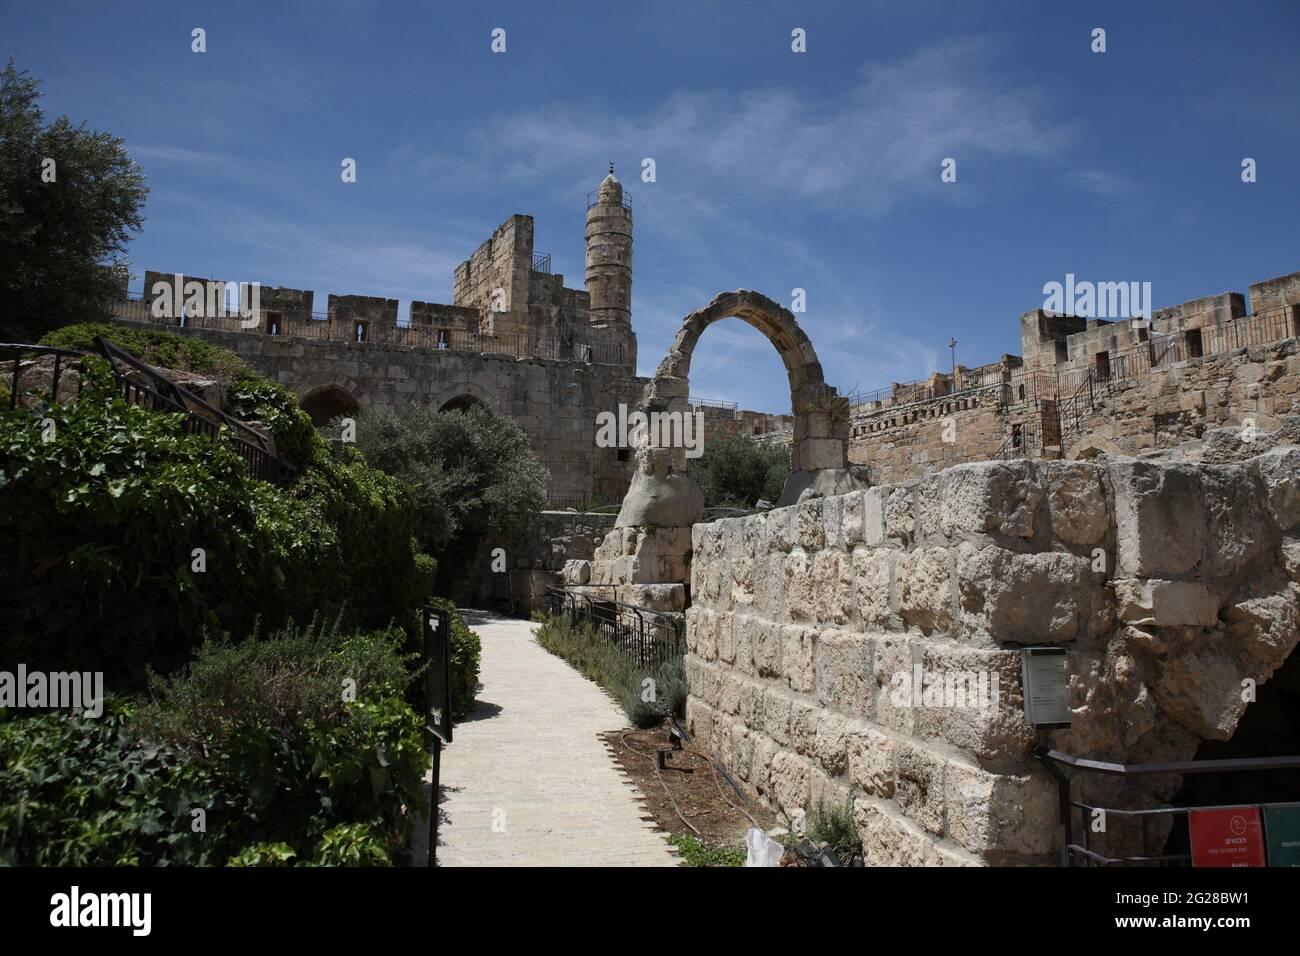 Torre di David o Cittadella di David, minareto di una parte moschea della cittadella. Ammira di fronte un arco e un muro, resti di fortificazioni più antiche. Foto Stock